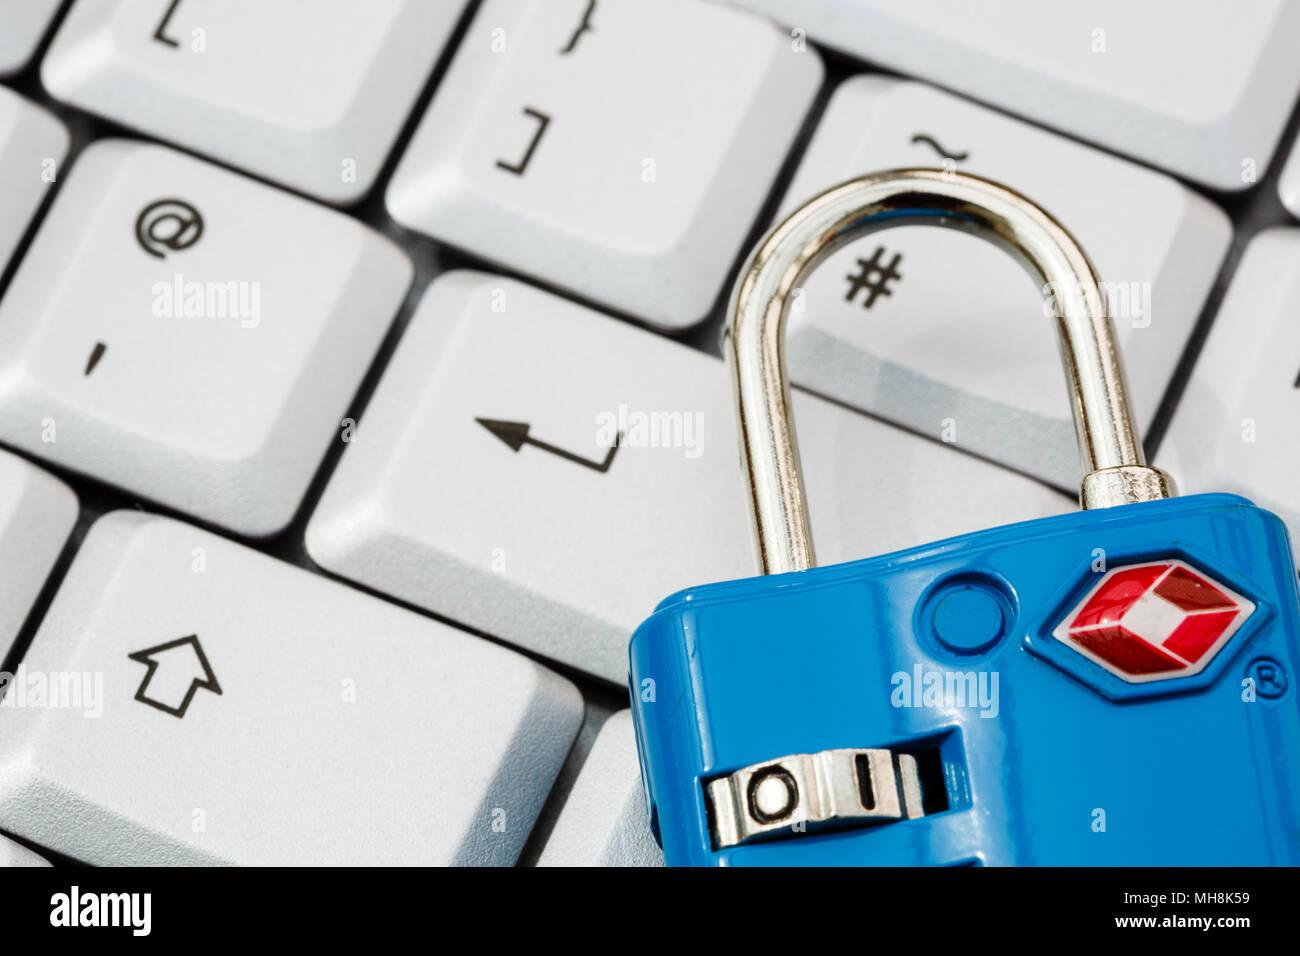 Un clavier avec touche entrée et un cadenas TSA pour illustrer la cyber-sécurité en ligne et la protection des données. L'accent sur cadenas. En Angleterre, Royaume-Uni, Angleterre Photo Stock